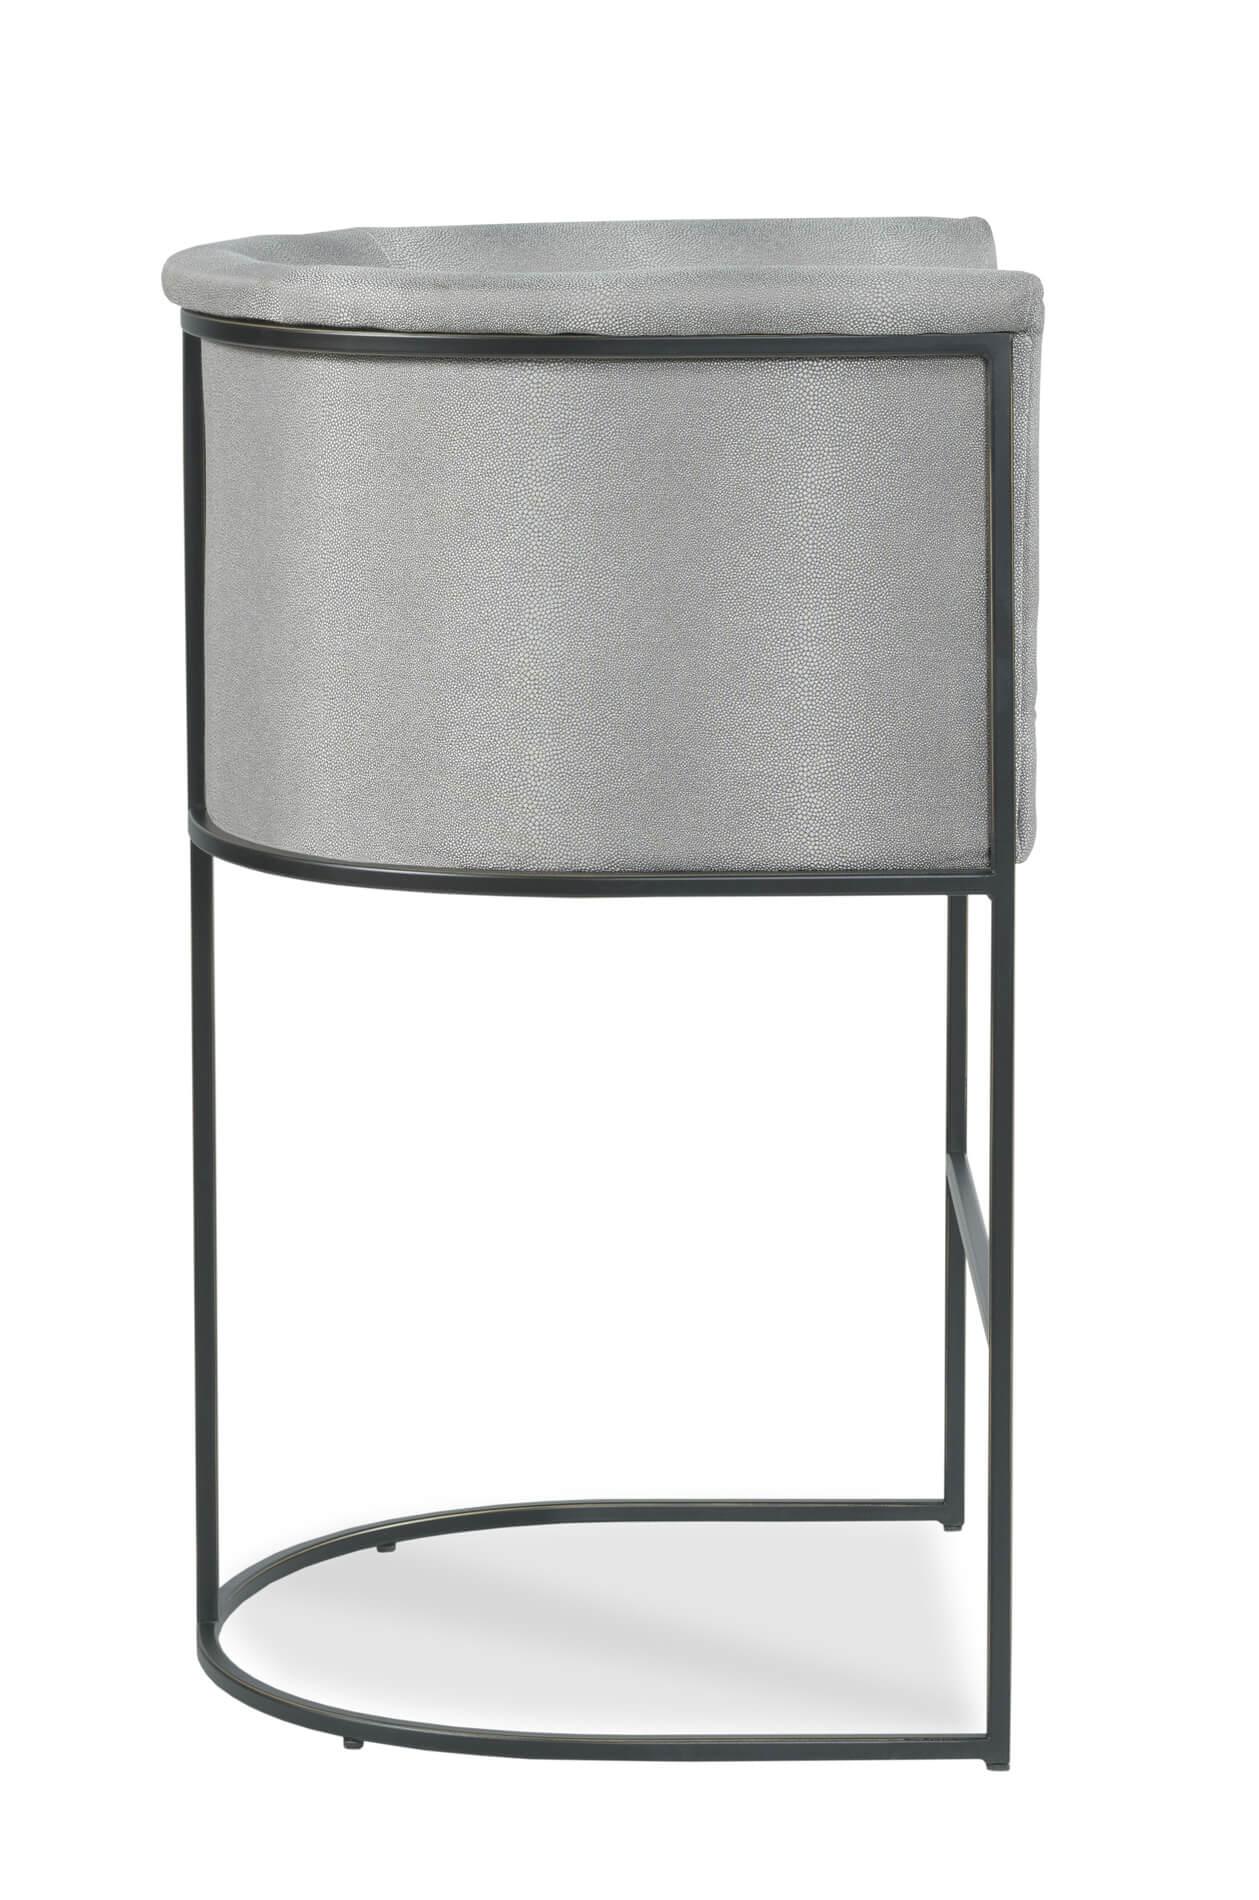 Buy Fairfield S Nolita Modern Upholstered Bronze Barstool